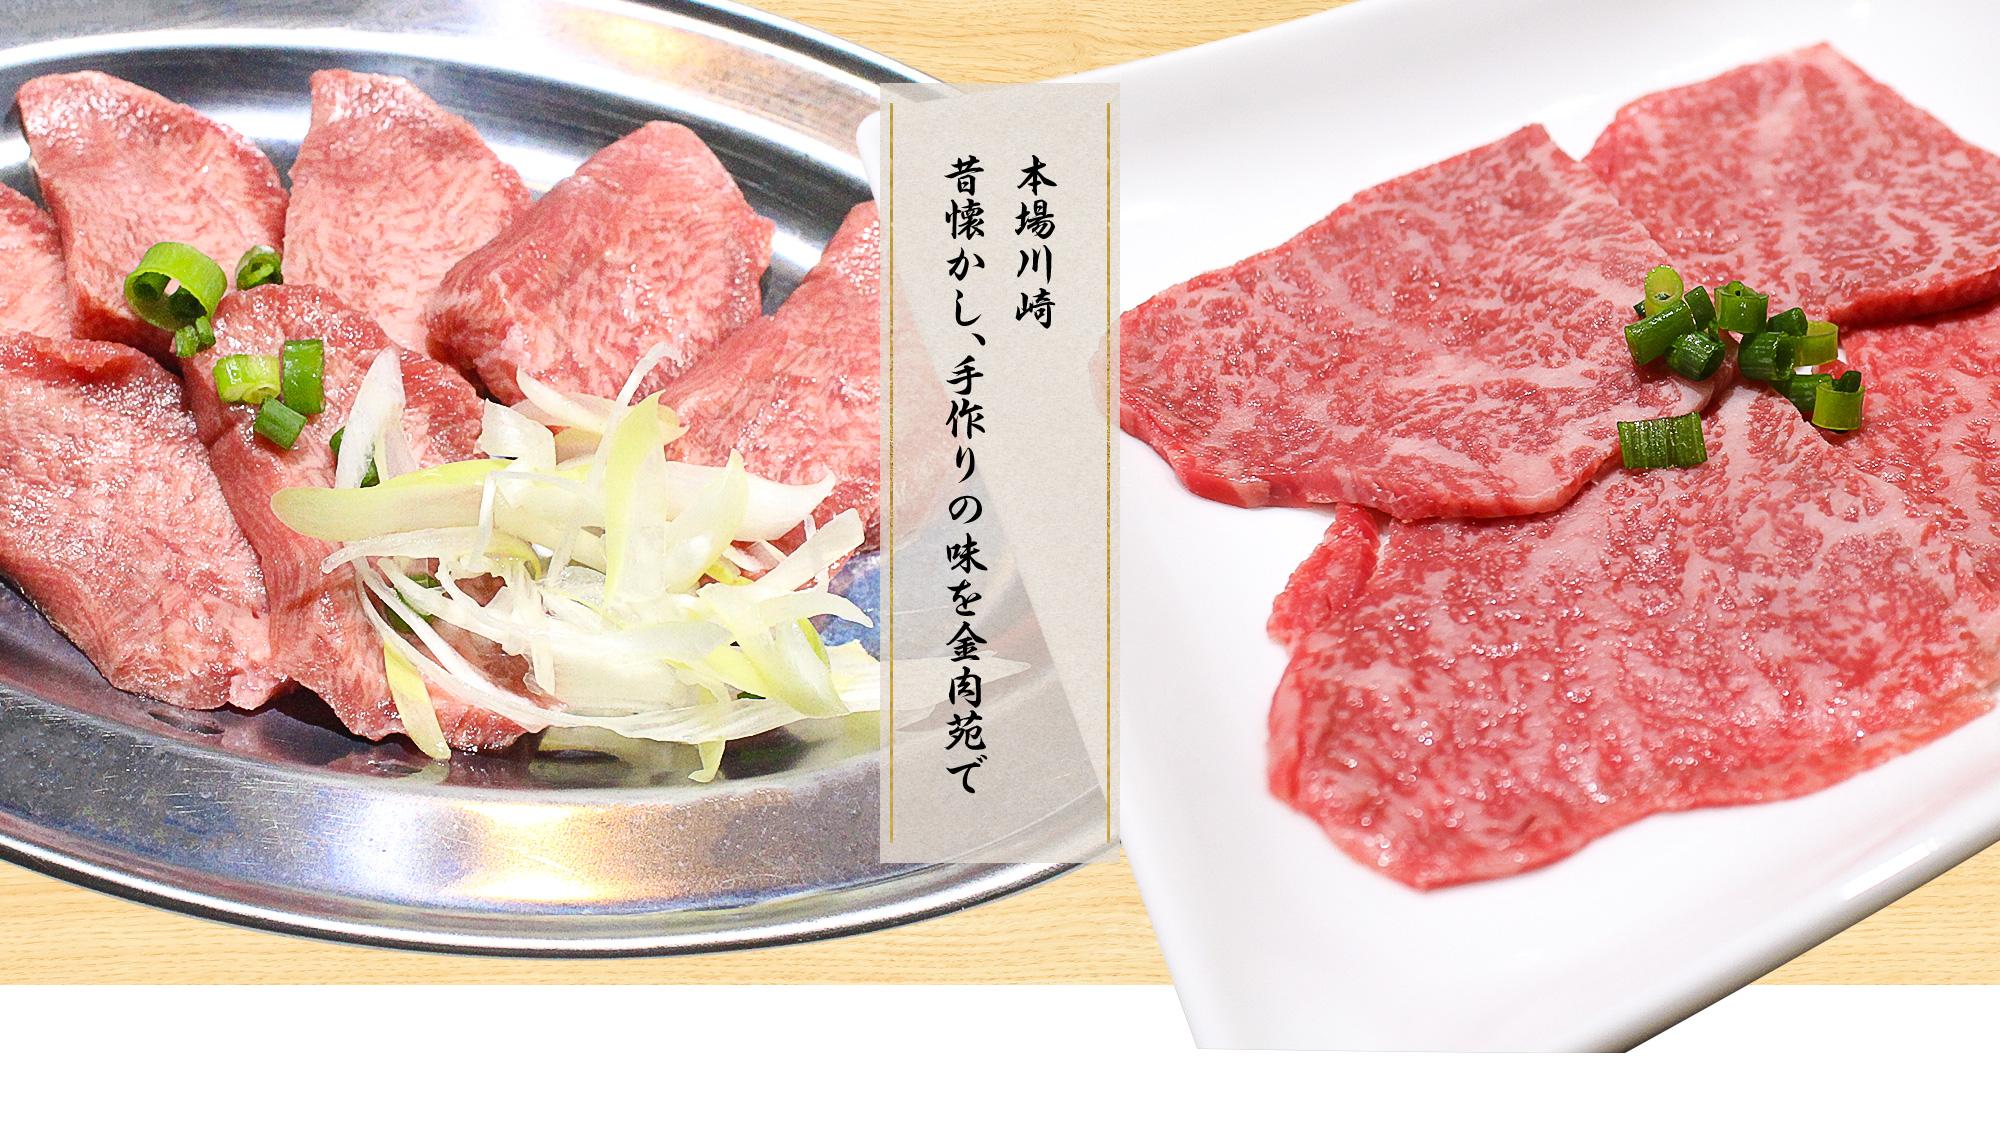 本場川崎。昔懐かし、手作りの味を金肉苑で